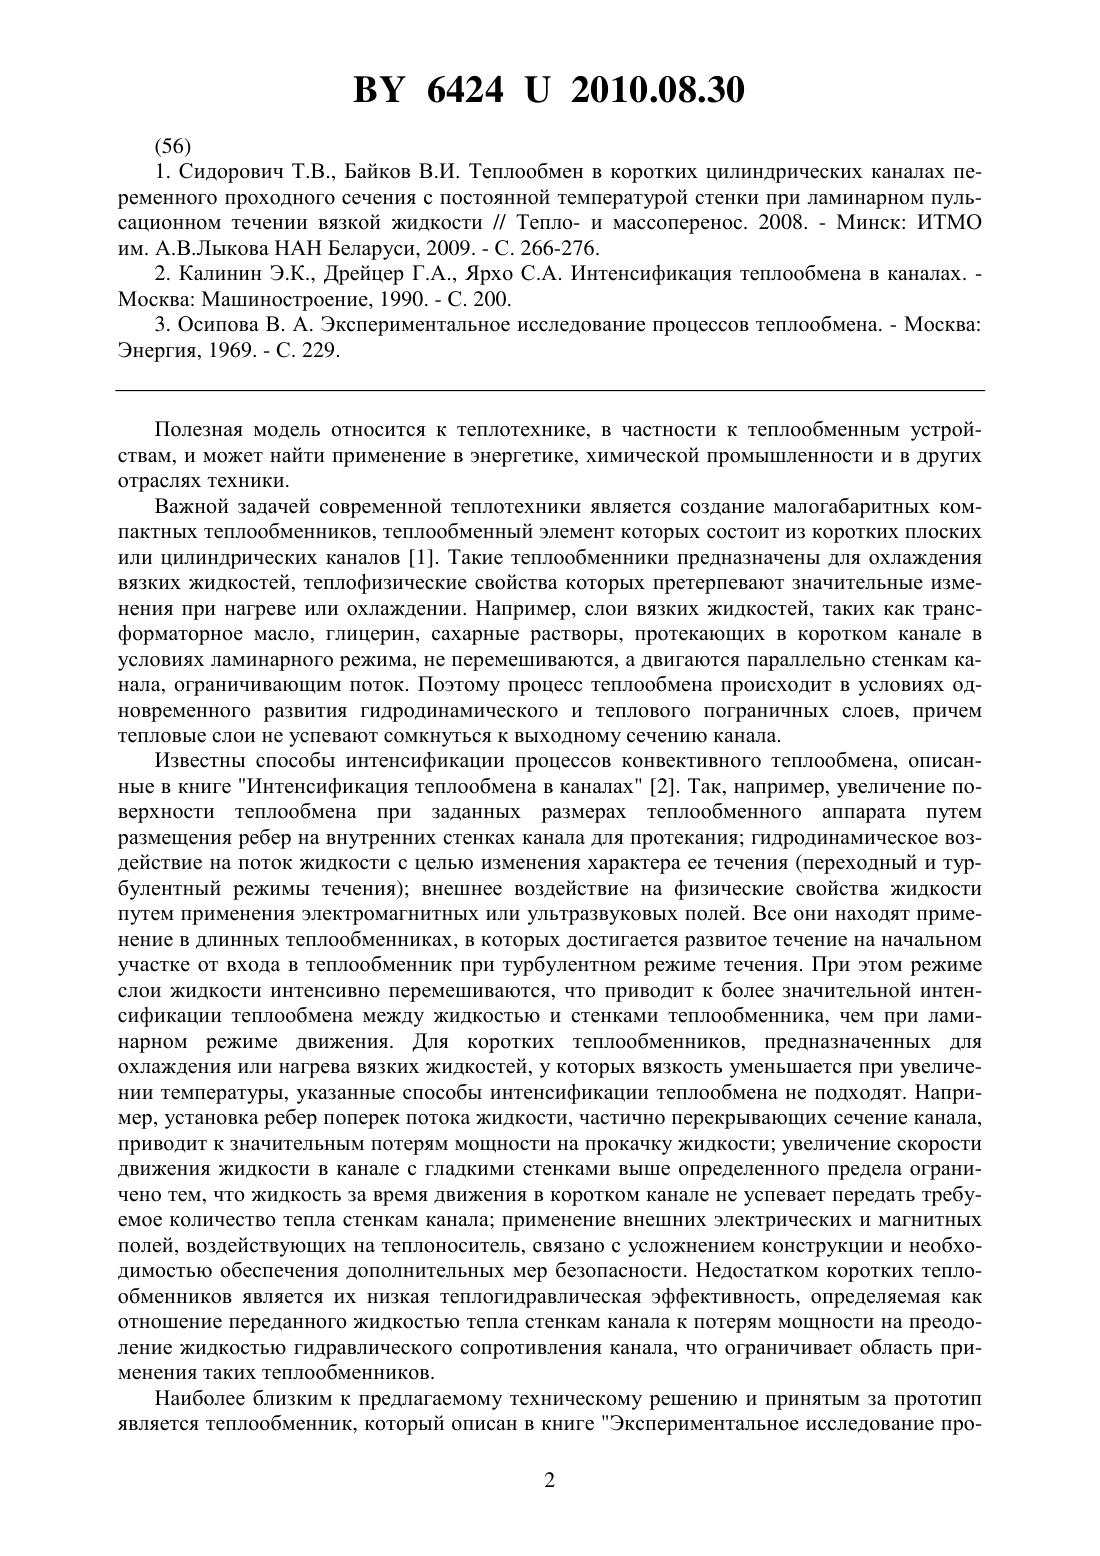 Теплообменник вязких сред Паяный теплообменник HYDAC HEX S522-50 Петрозаводск